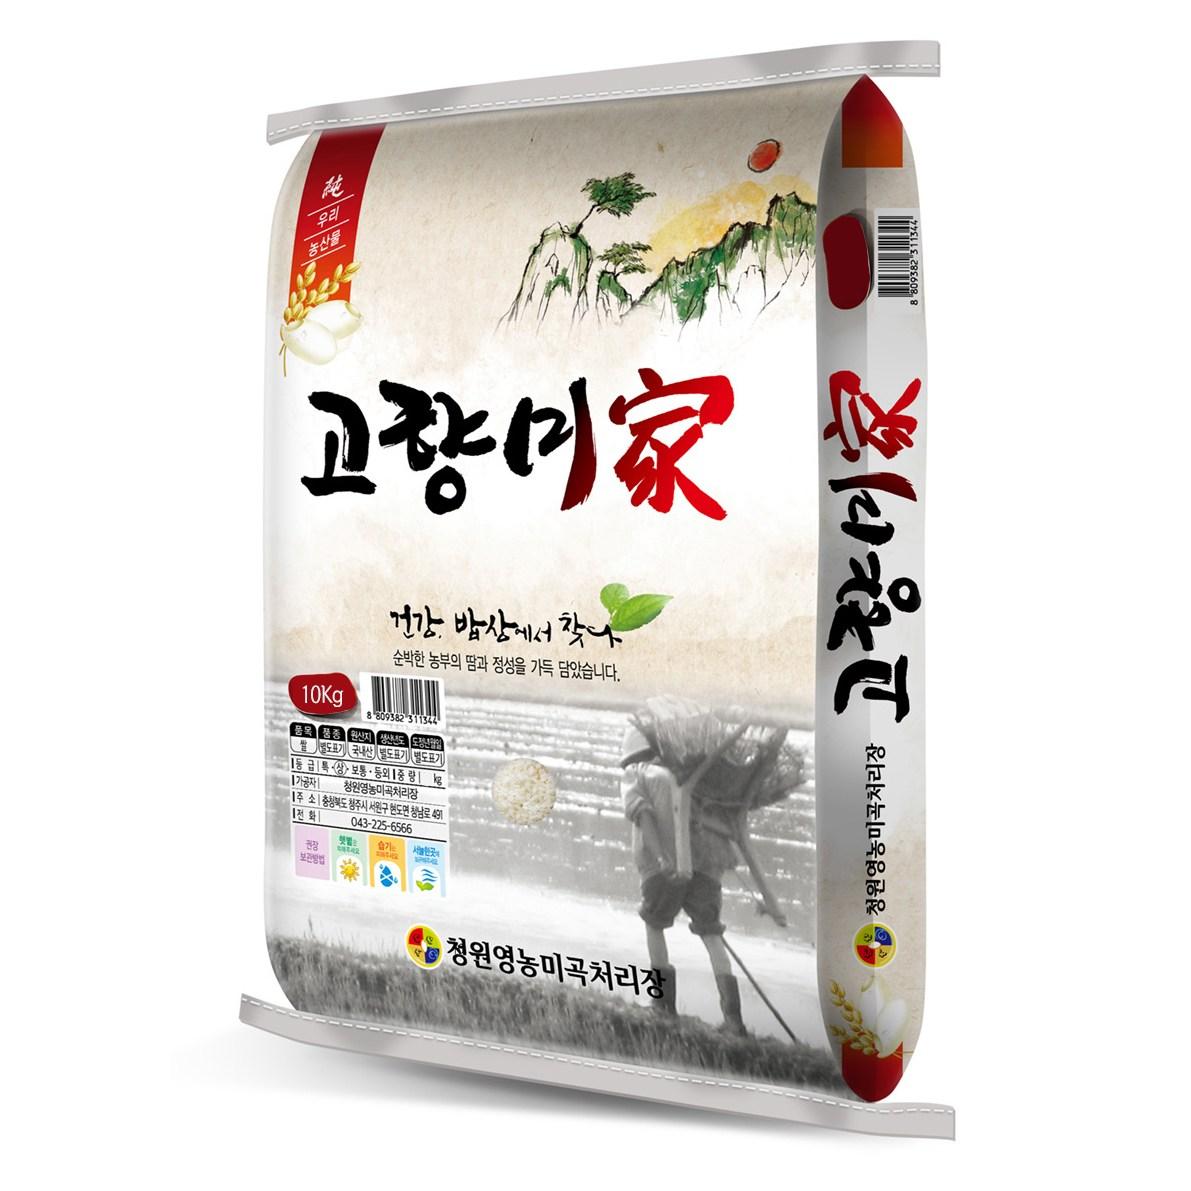 (2020년햅쌀) 당일도정 고향미가쌀 상등급, 1포, 10kg